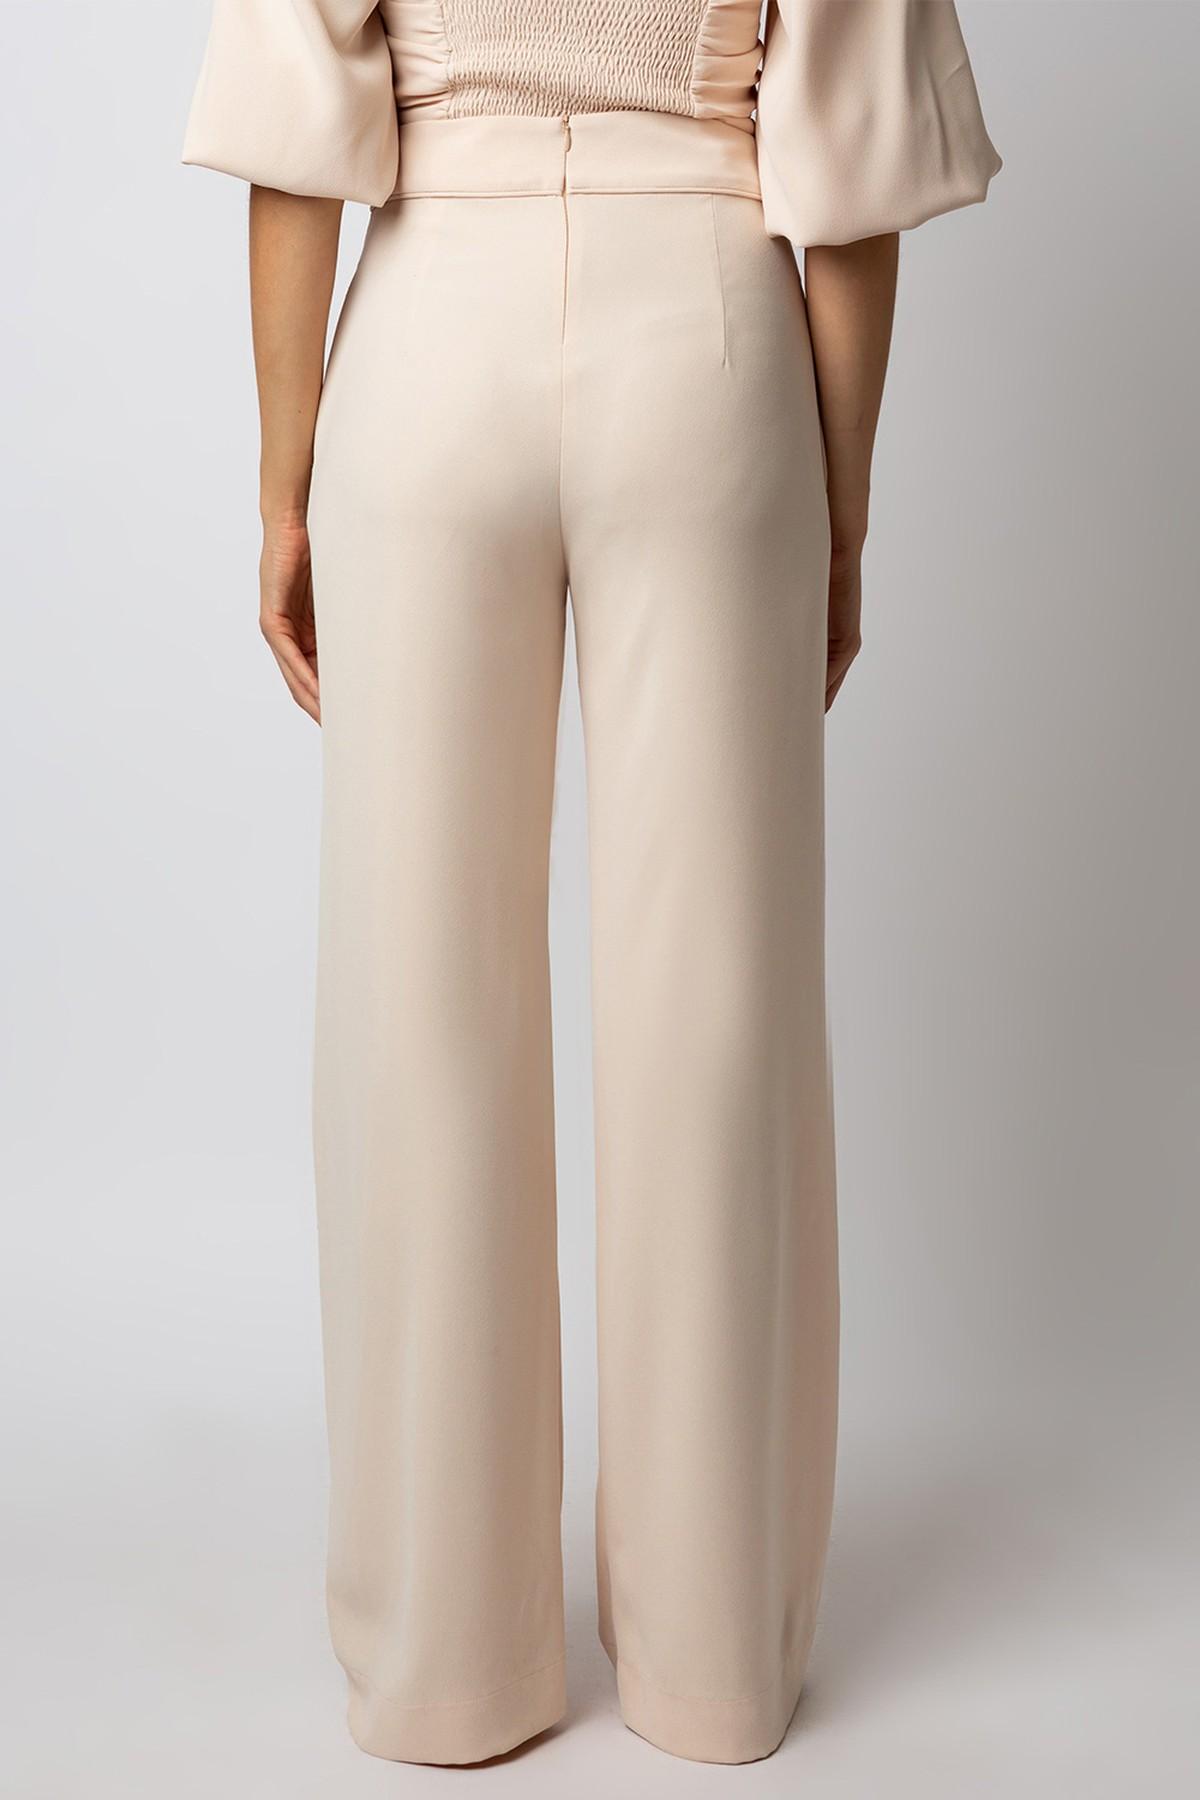 Calça Pantalona Nude Trilogy - Trilogy Store